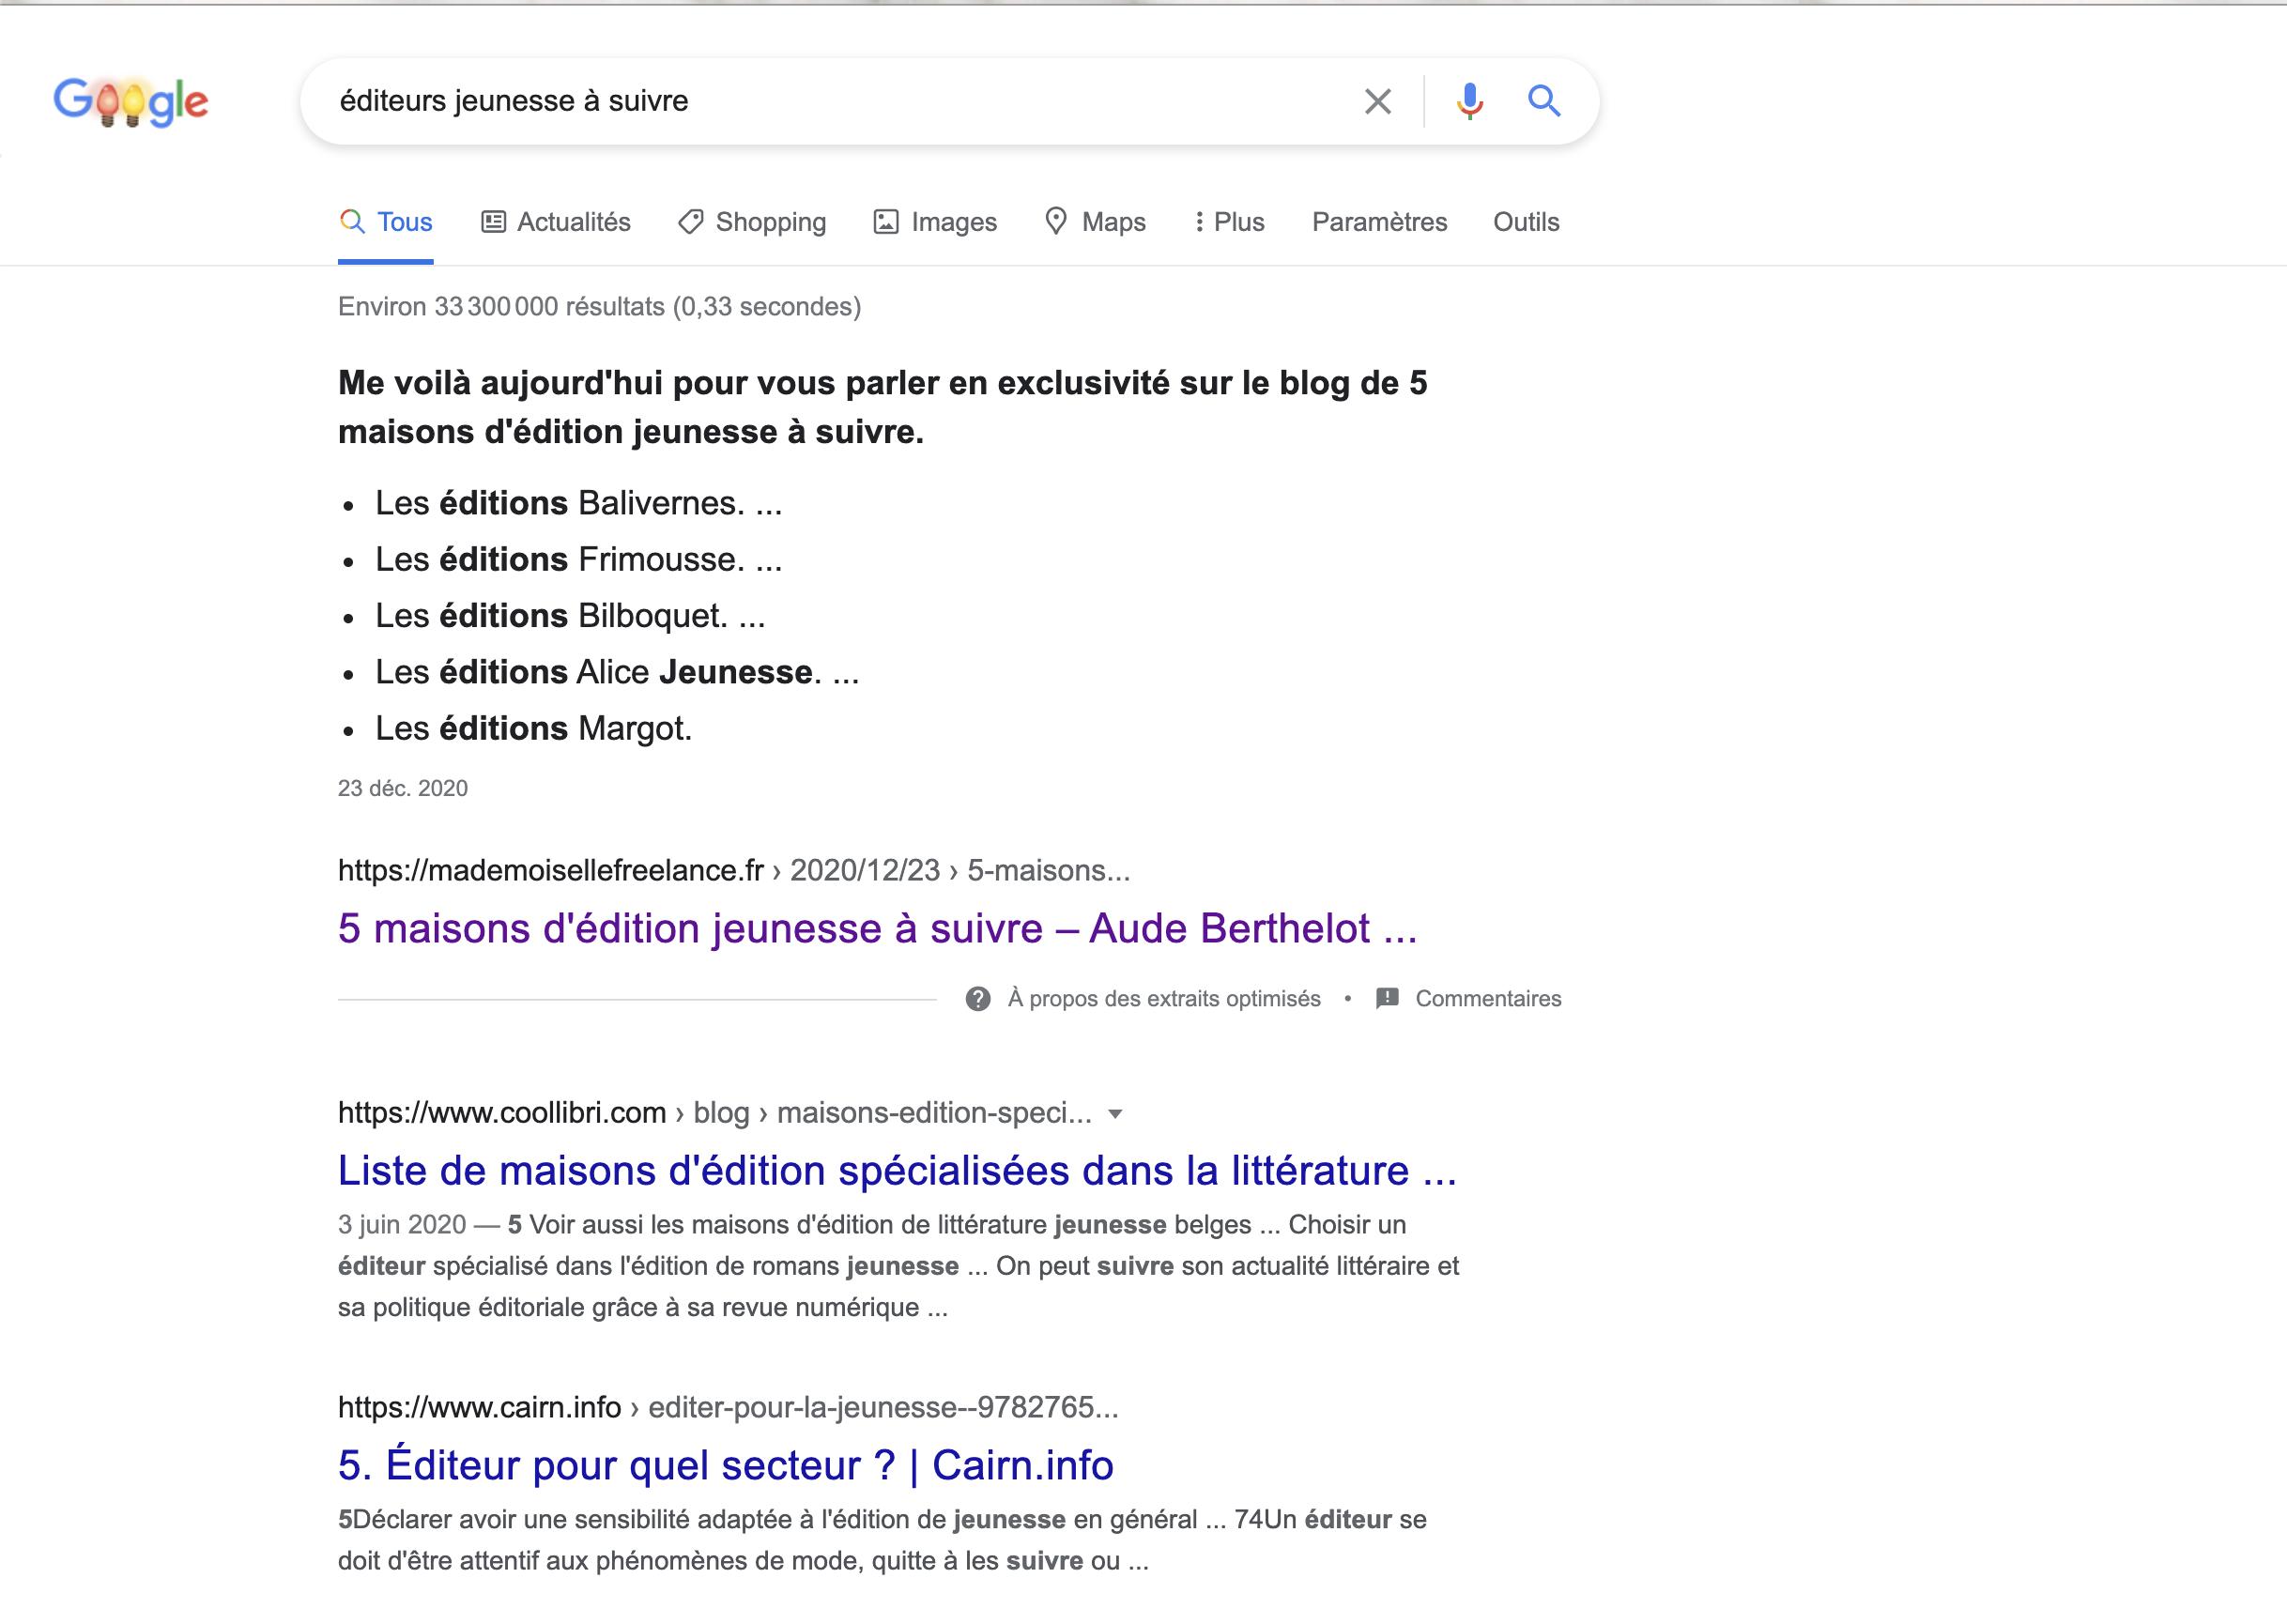 Position zéro du site mademoiselle freelance dans le SERP